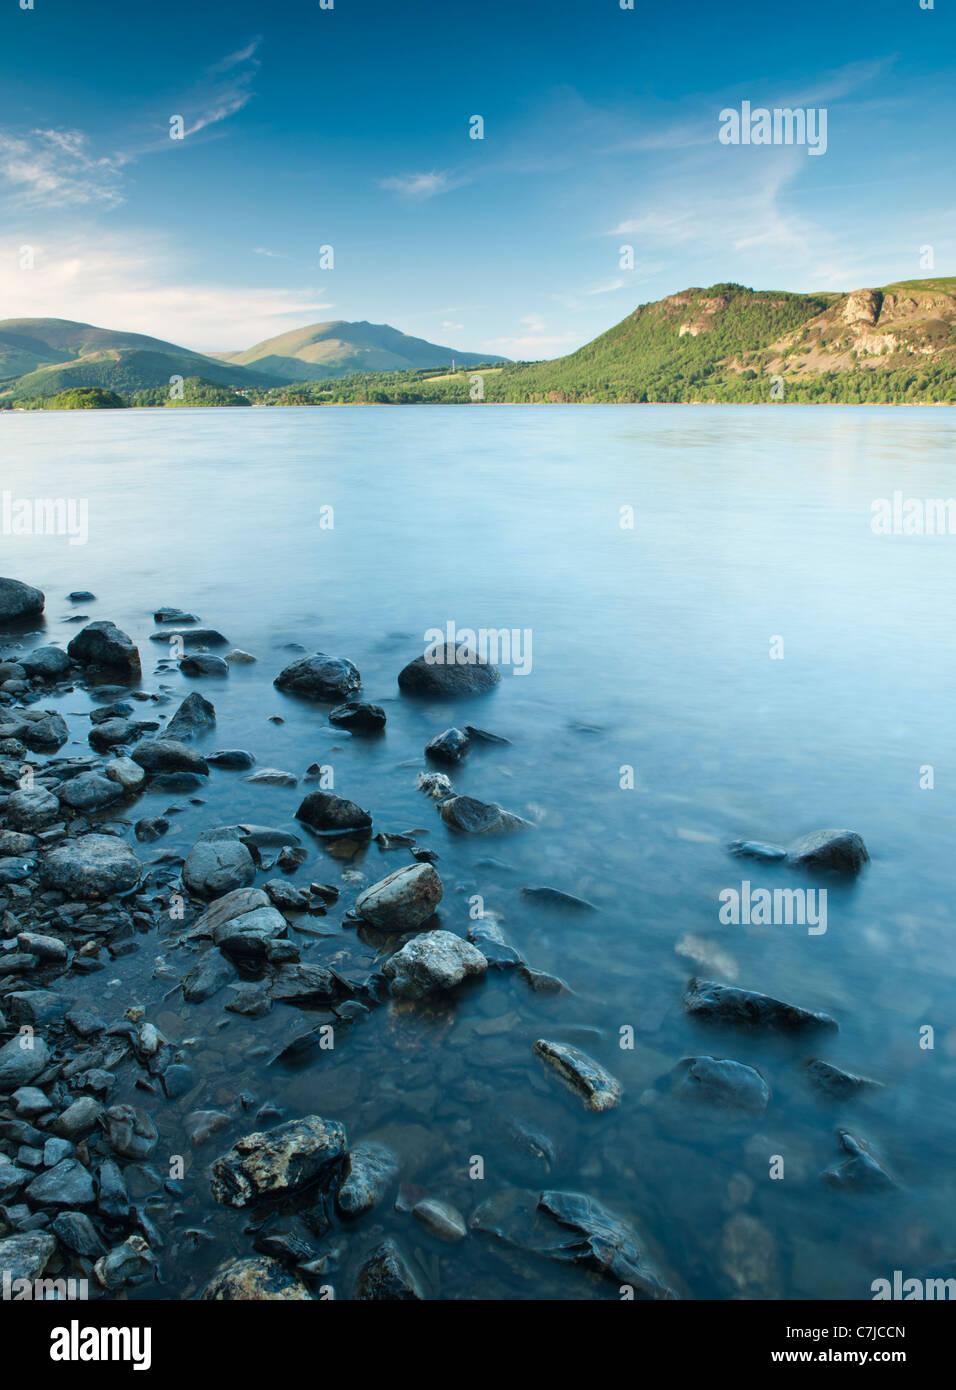 Rocce sulla riva del lago, Brandelhow Bay, Lake District, Cumbria, Regno Unito Immagini Stock